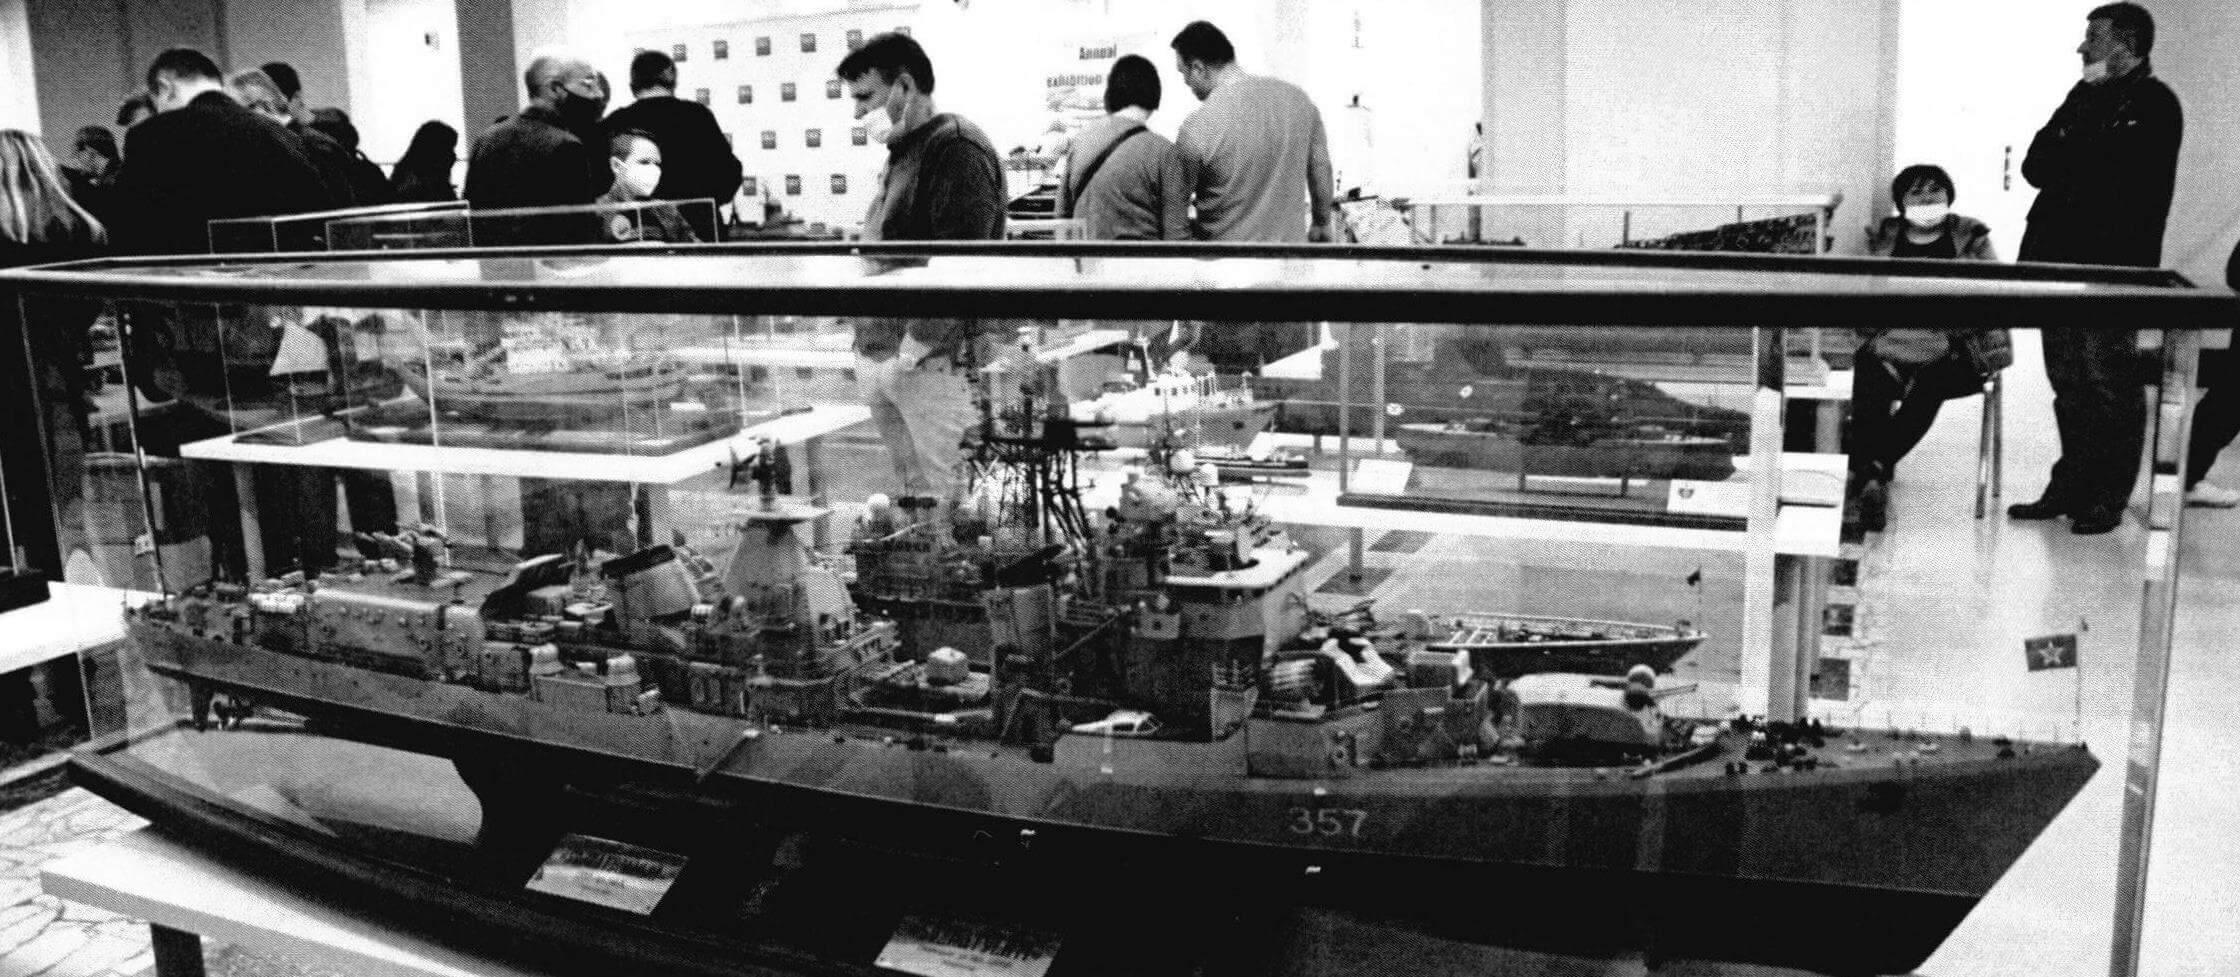 Превосходная модель эсминца «Сознательный» заняла 1-е место в классе С-2 и получила наивысшую оценку во всех представленных на Чемпионате классах моделей